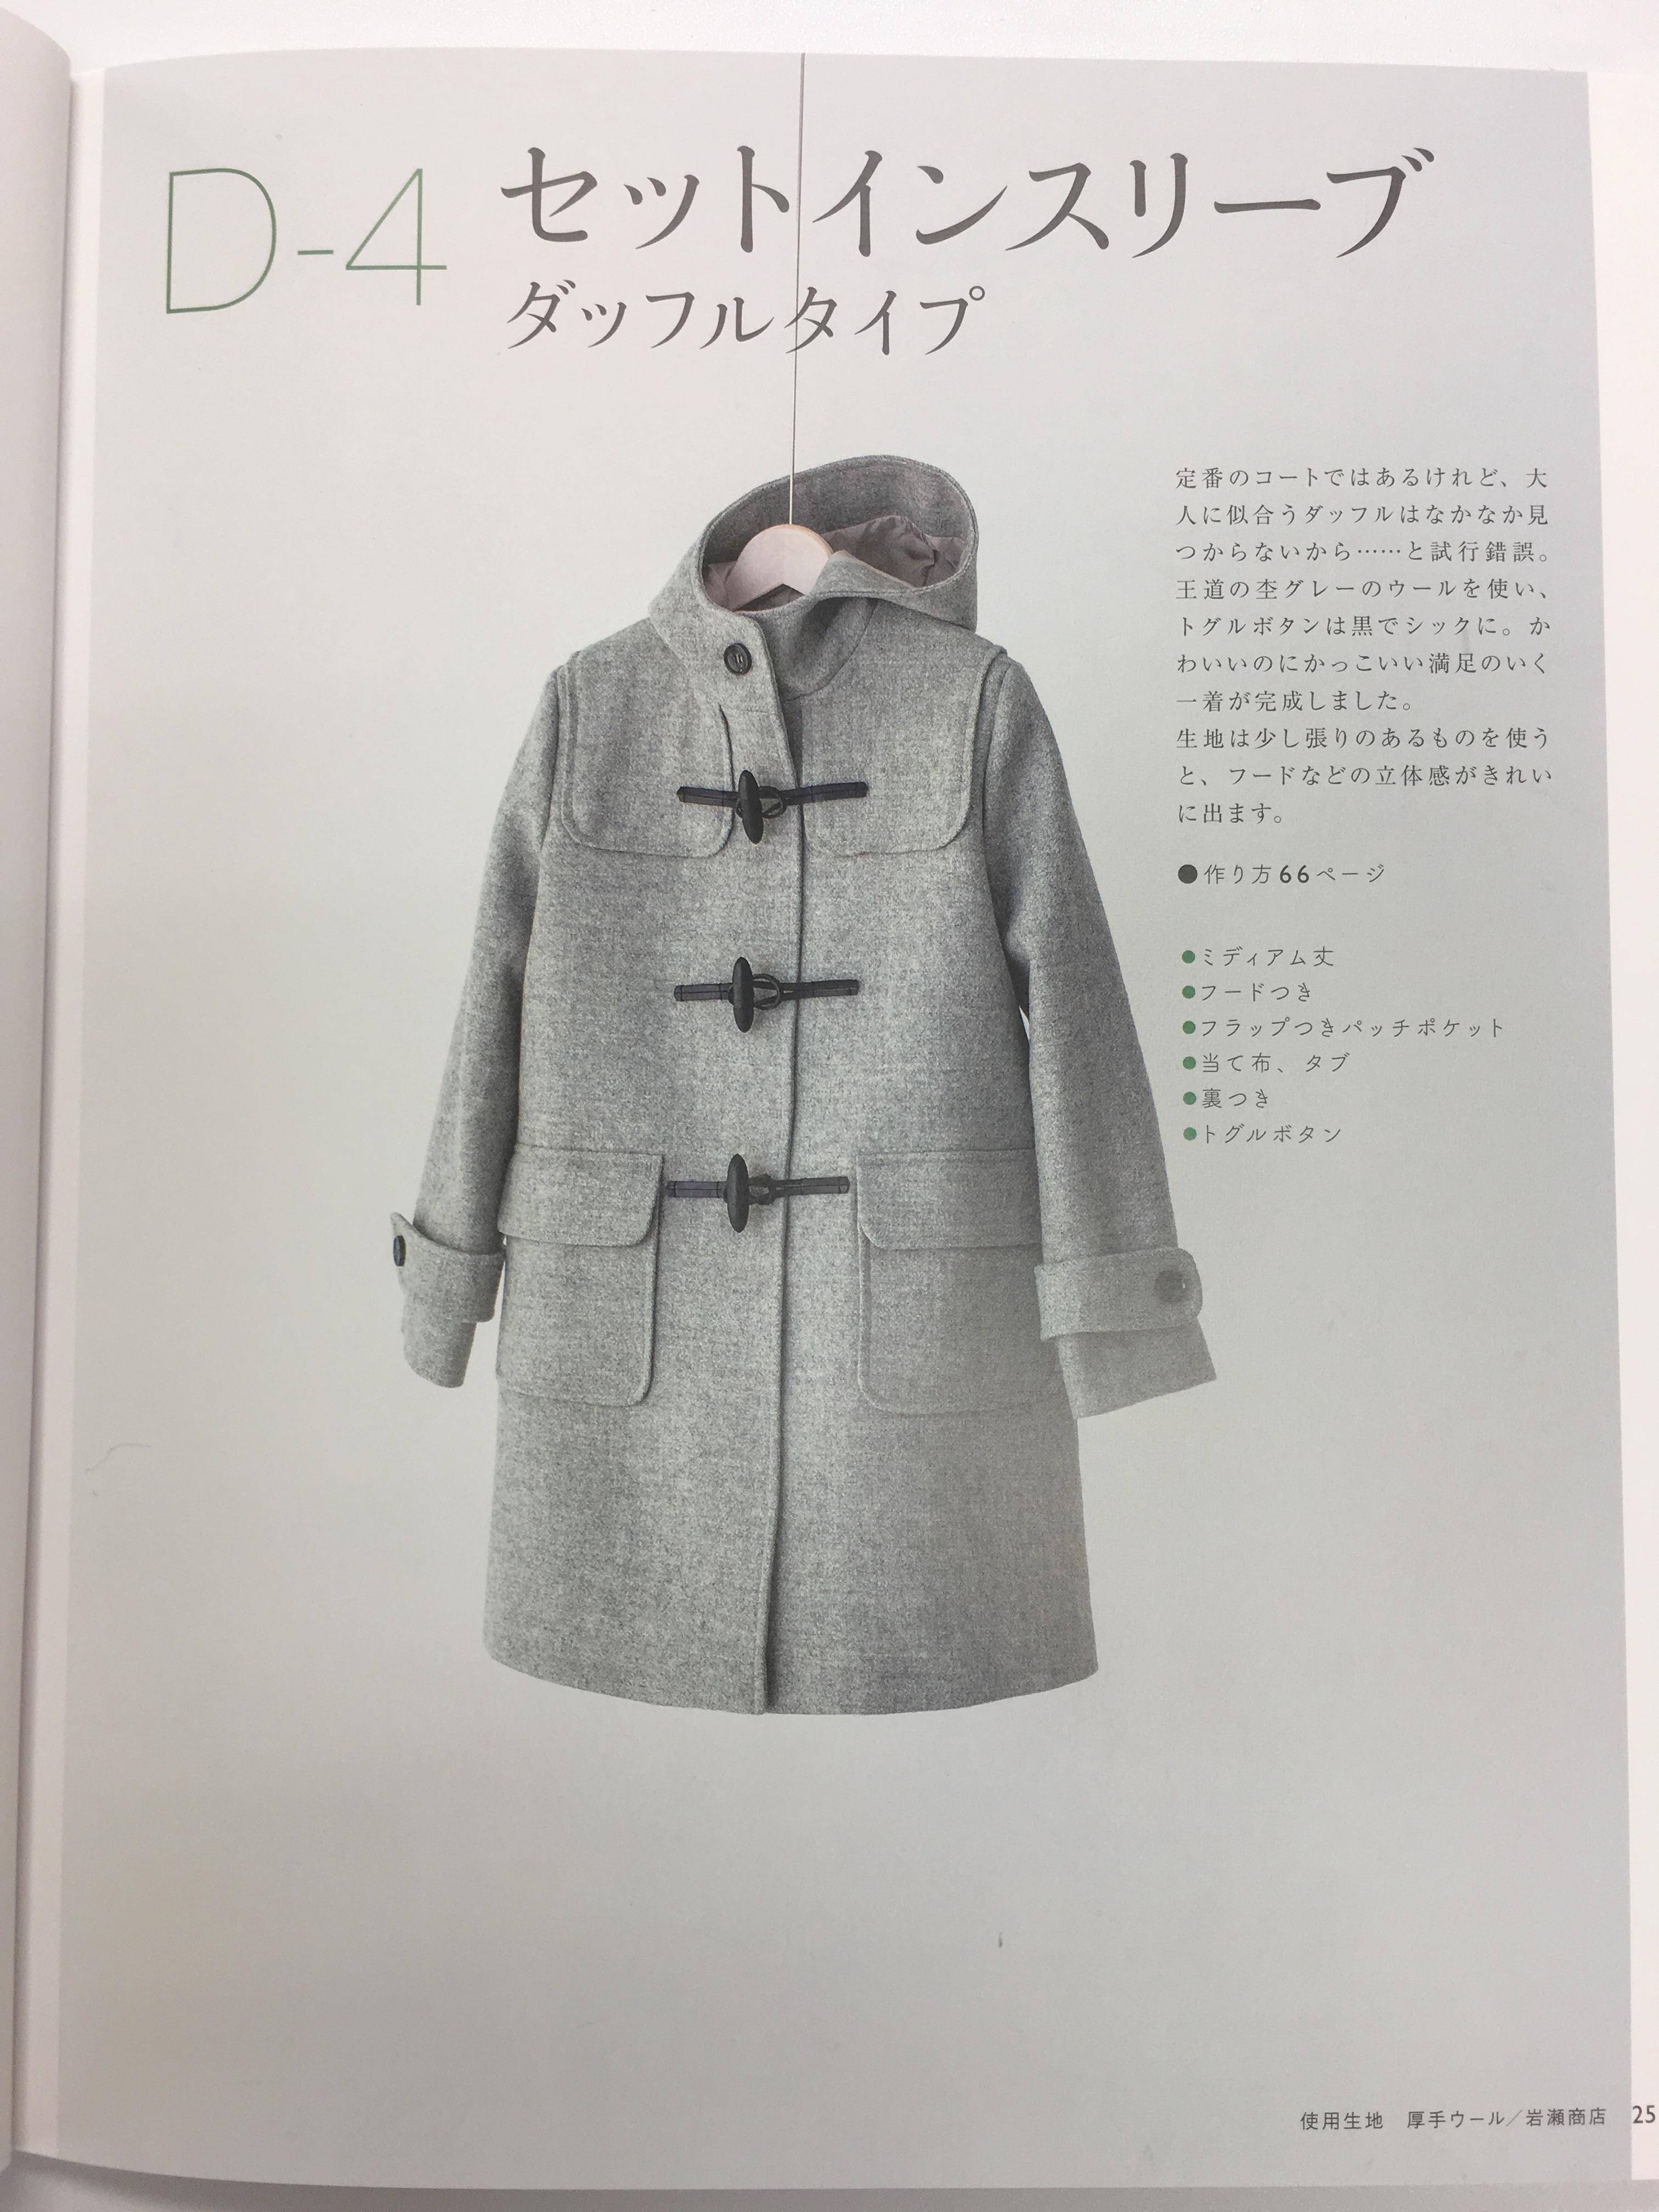 コートを縫おう。 D-4の型紙